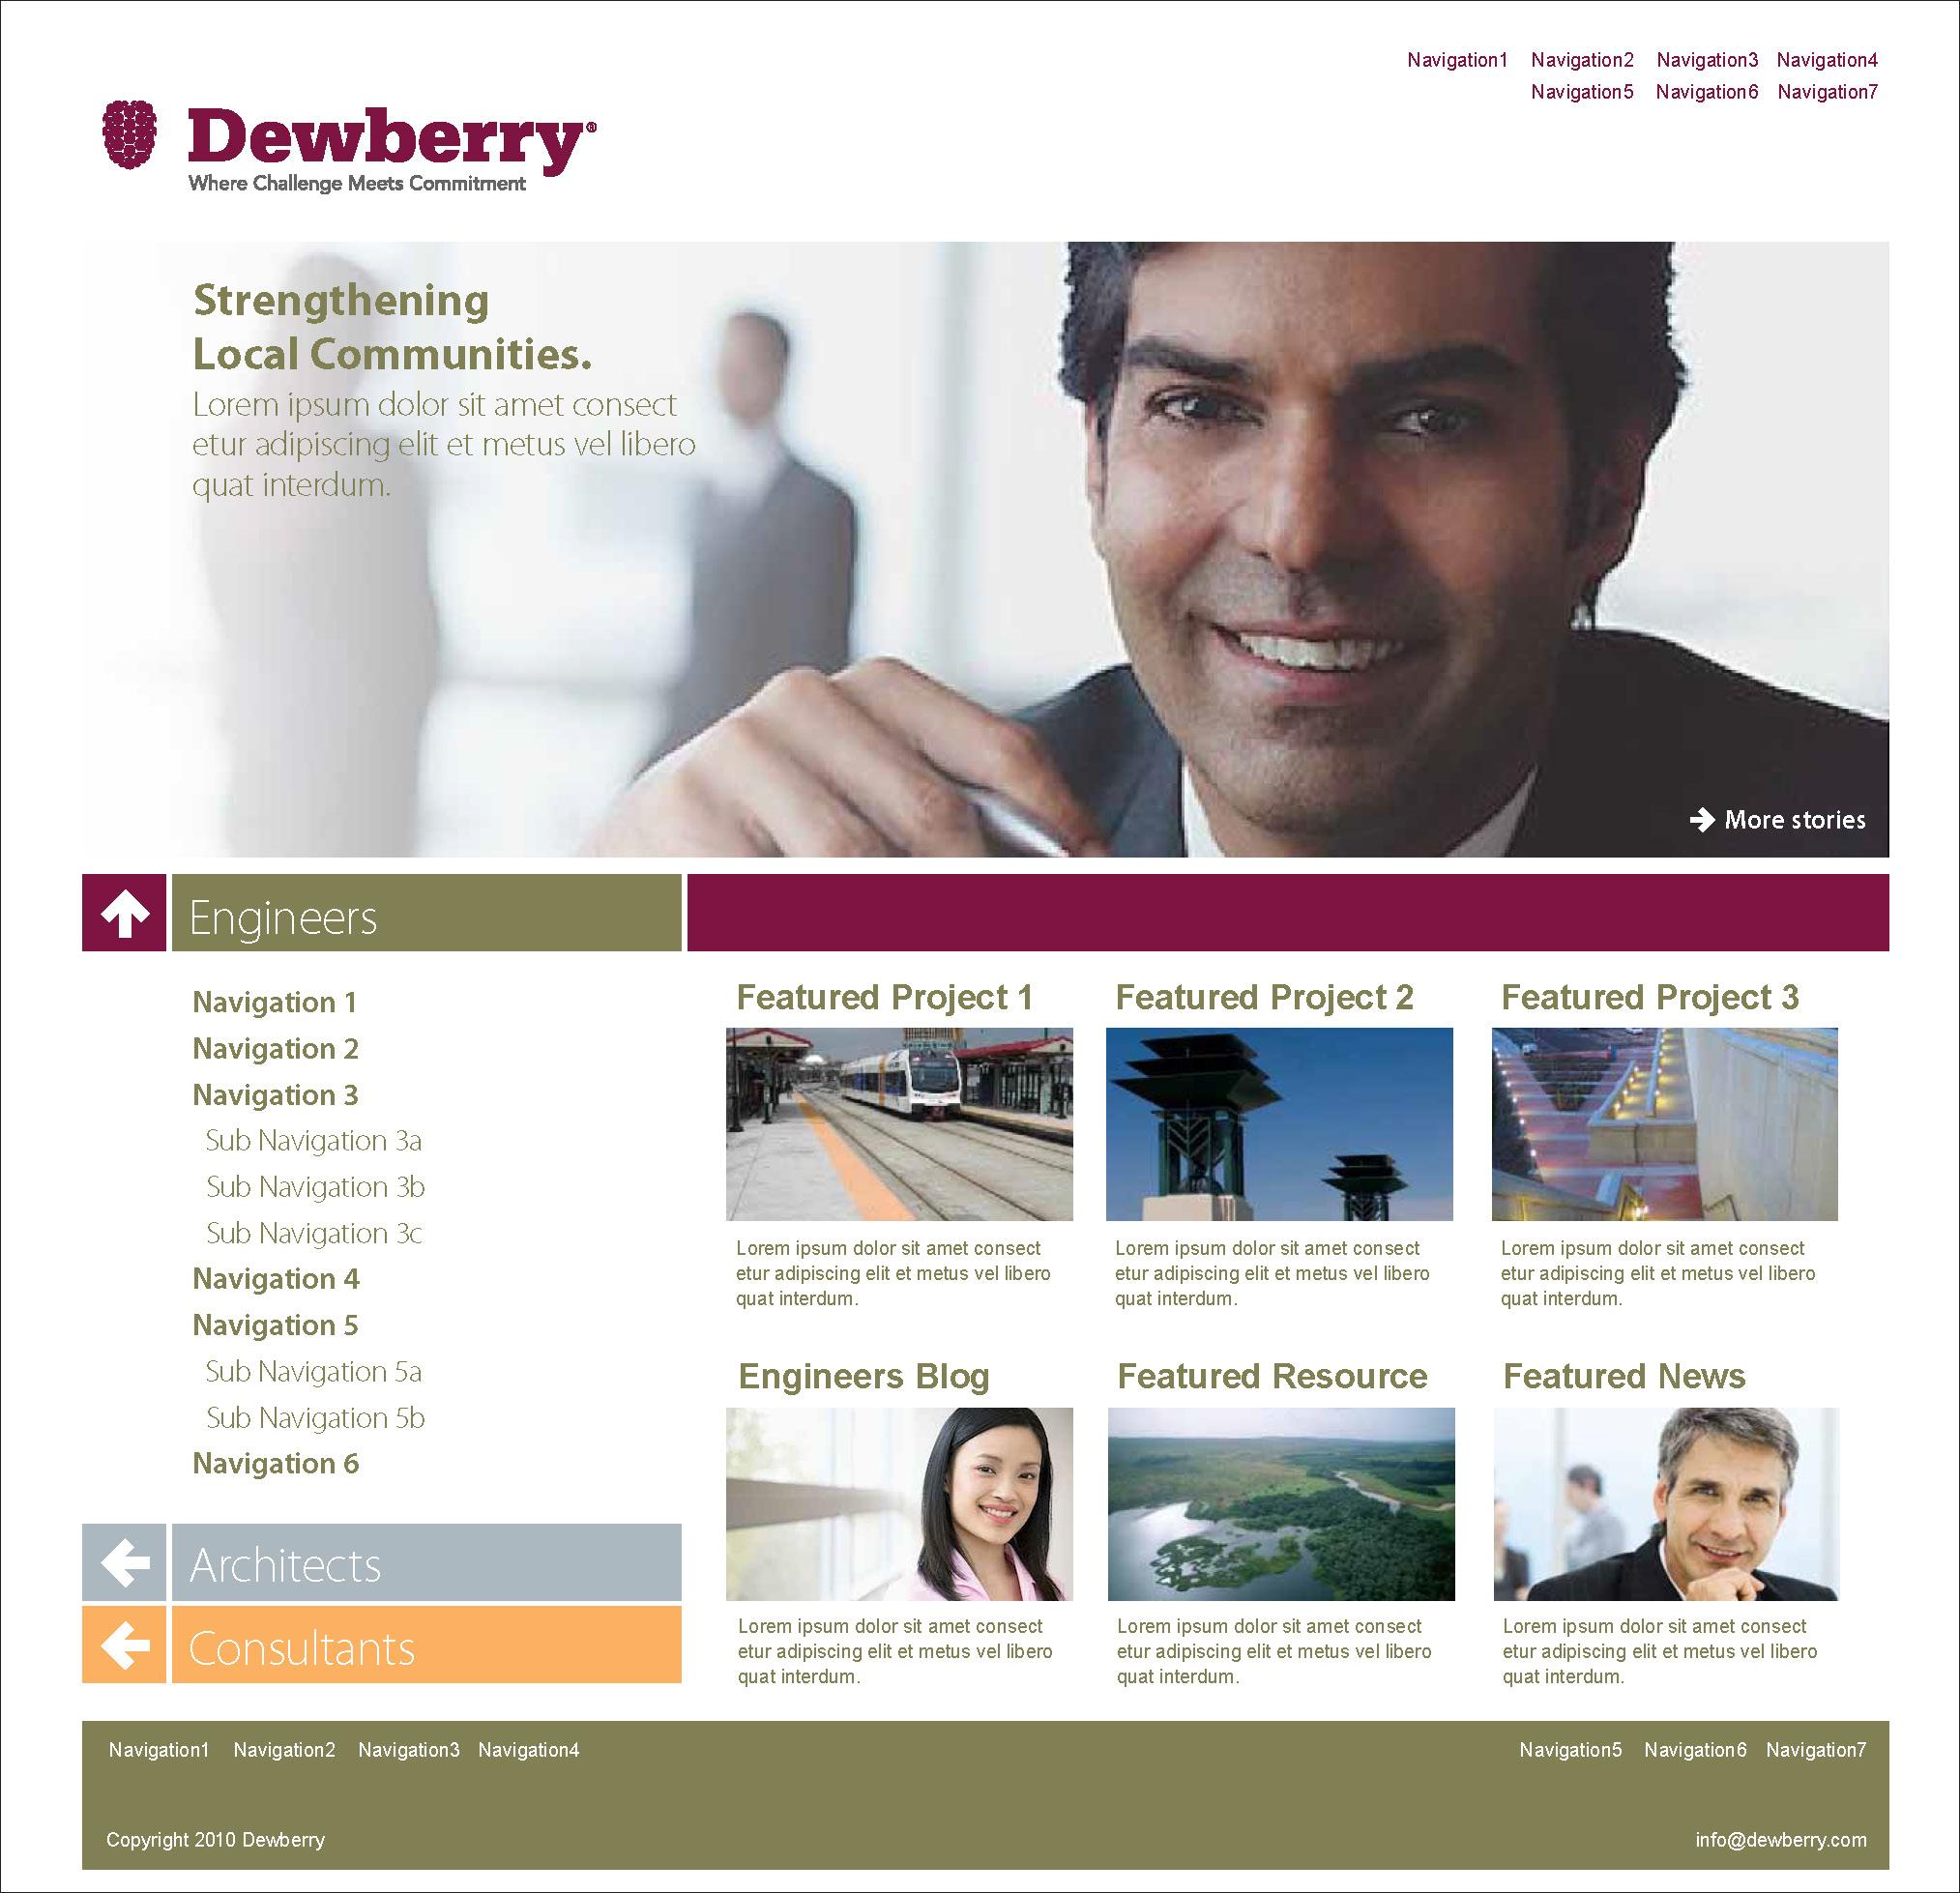 DEW_Web_Eng_OptA_v4.jpg